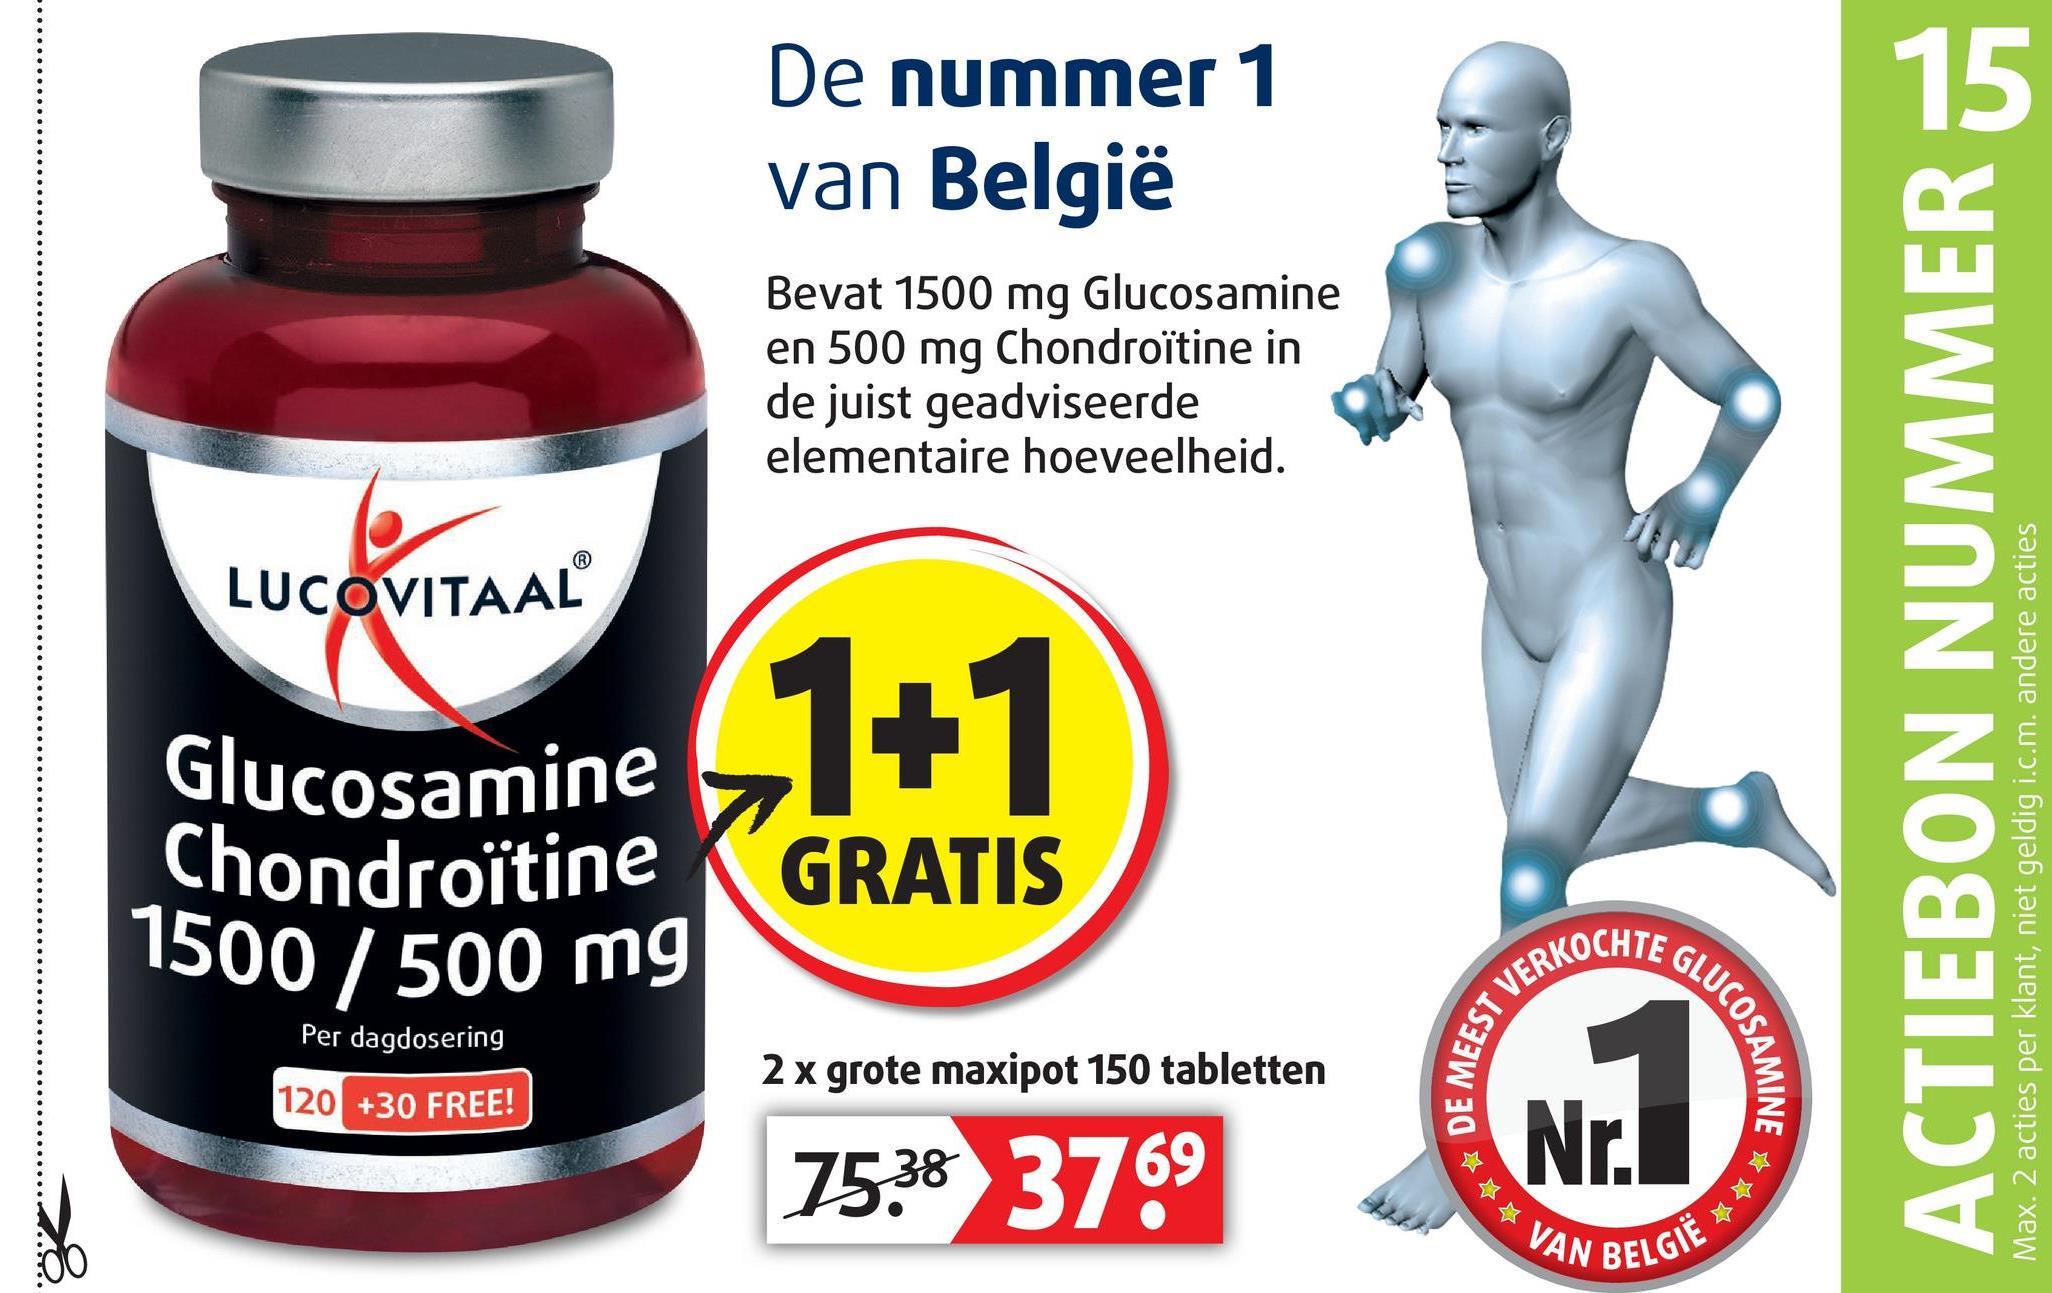 De nummer 1 van België Bevat 1500 mg Glucosamine en 500 mg Chondroïtine in de juist geadviseerde elementaire hoeveelheid. LUCOVITAAL ACTIEBON NUMMER JA 1+1 Glucosamine Chondroïtine K GRATIS 1500/500 mg Max. 2 acties per klant, niet geldig i.c.m. andere acties AKOCHTE G Per dagdosering MEEST V GLUCOSA 2 x grote maxipot 150 tabletten 120 +30 FREE! SAMINE → 7538 3769 VAN BE LGIË * *